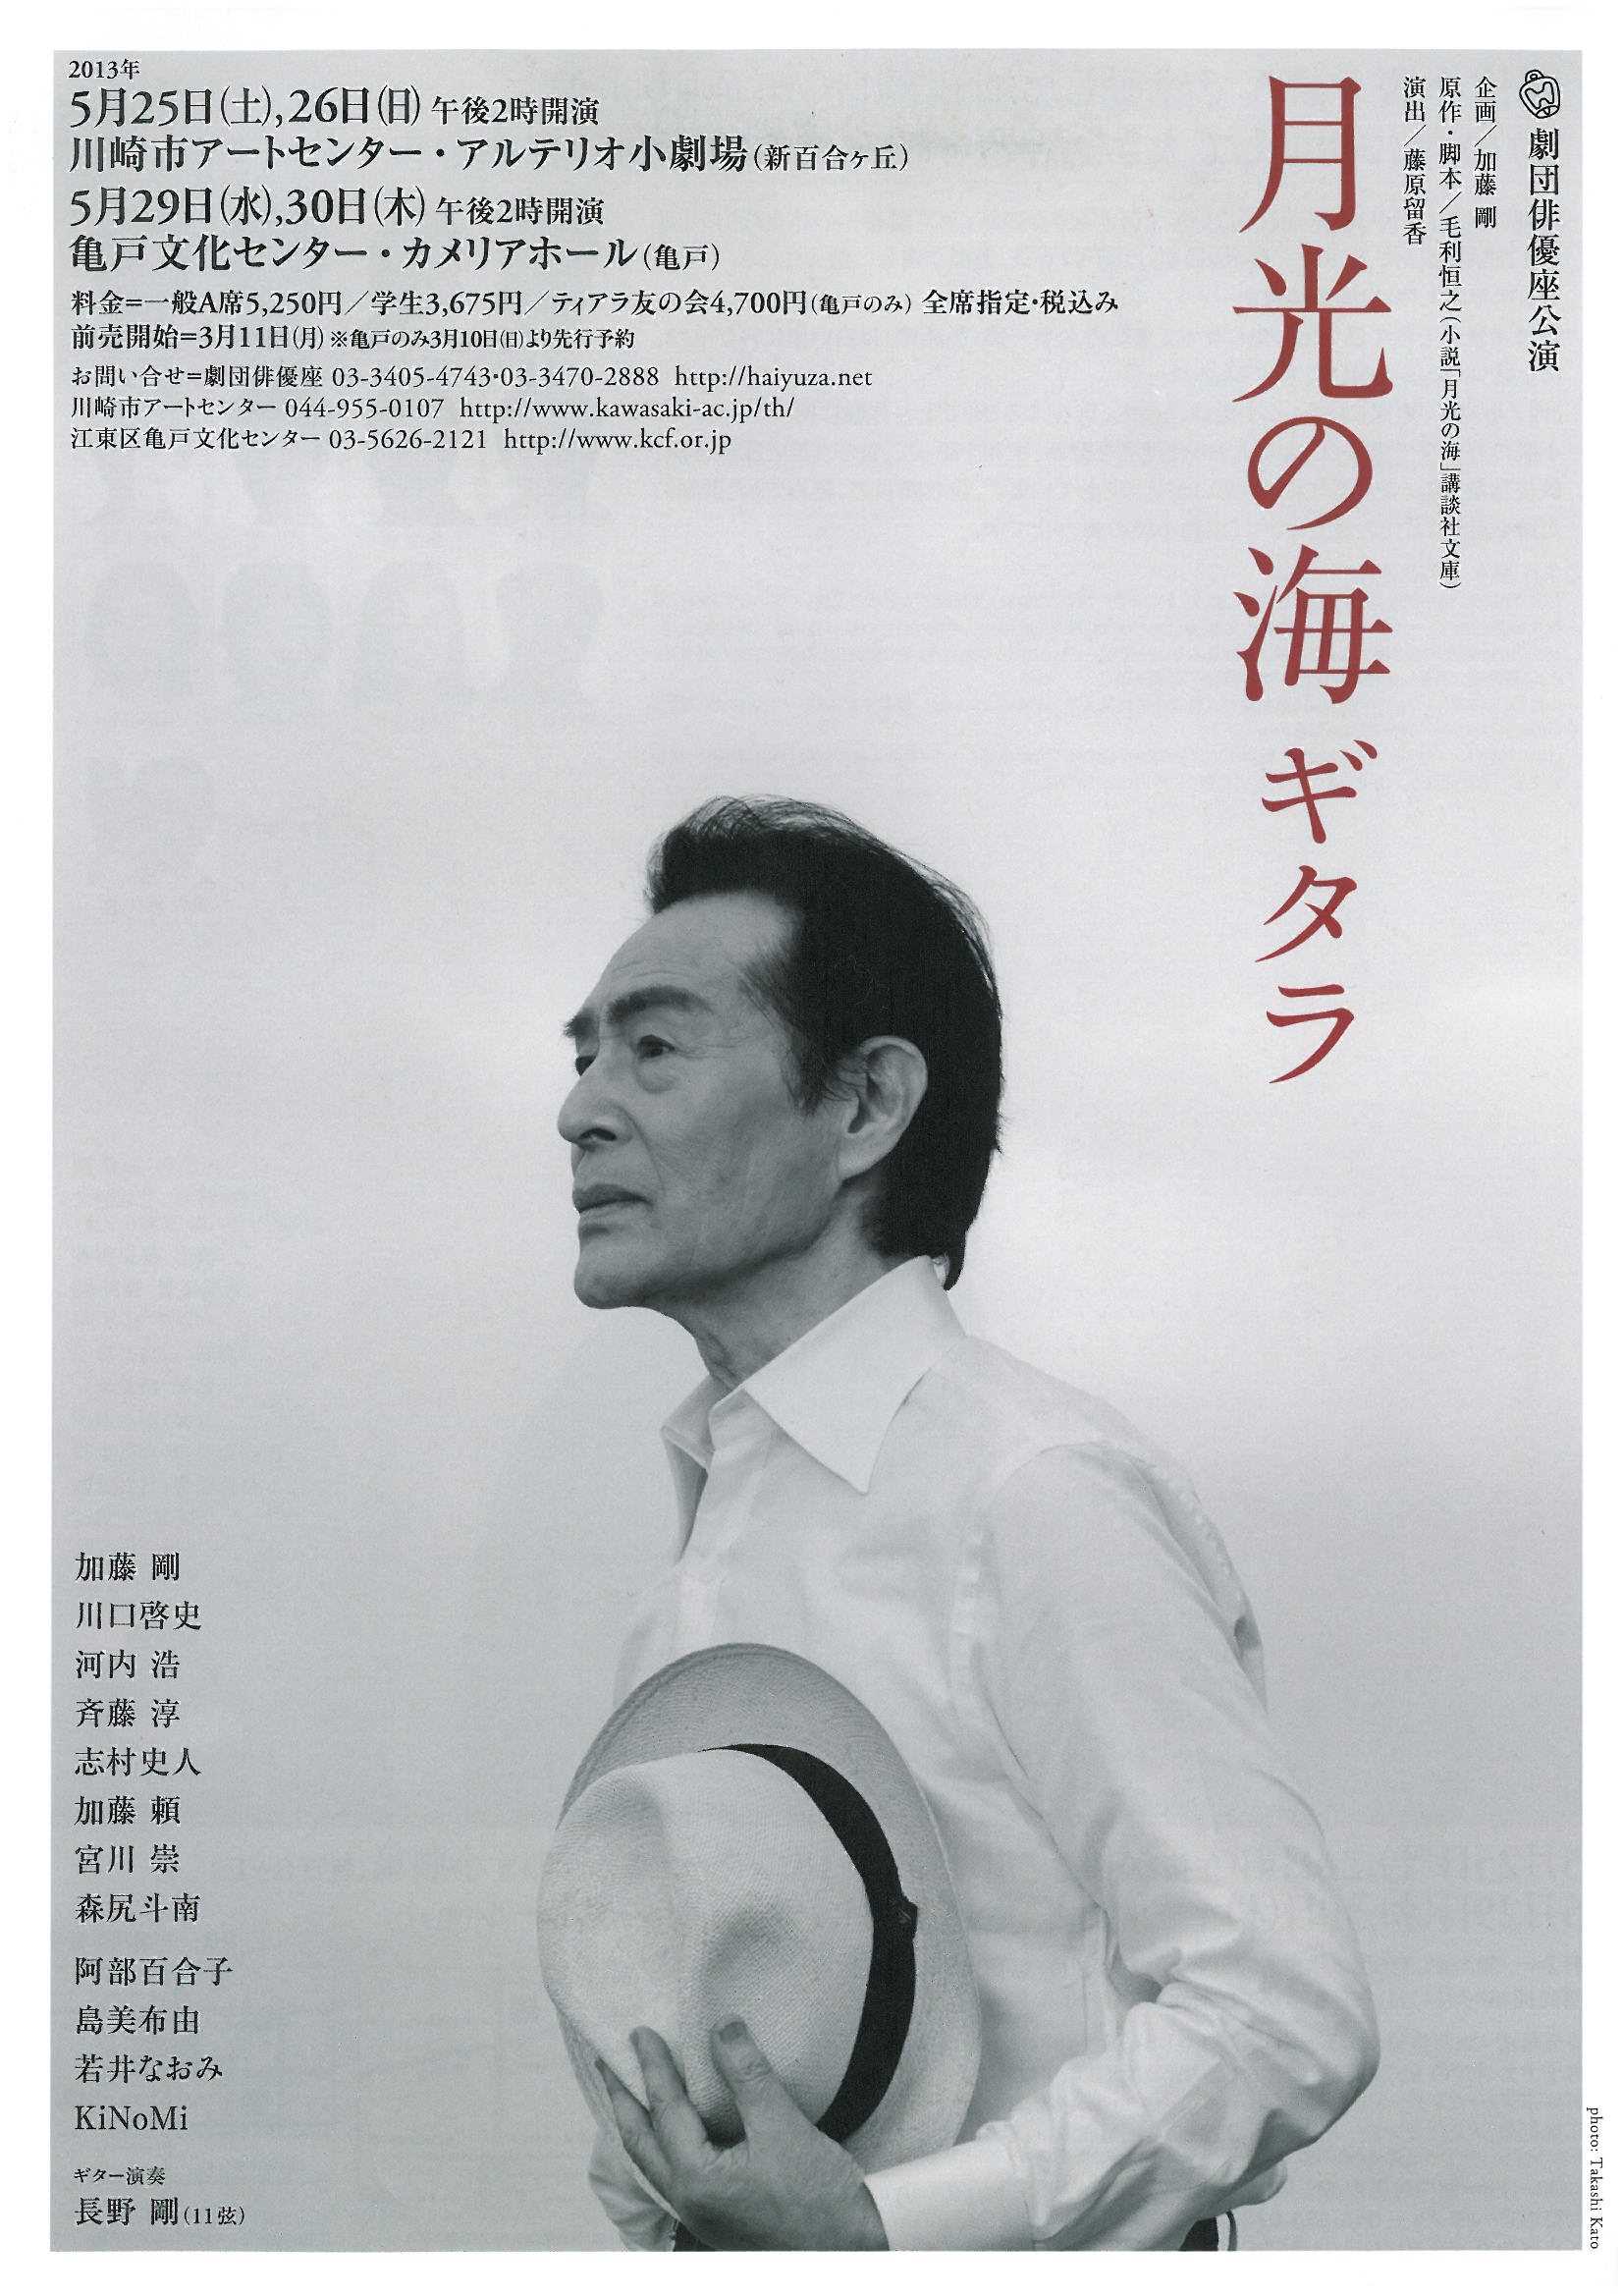 劇団俳優座公演「月光の海ギタラ」